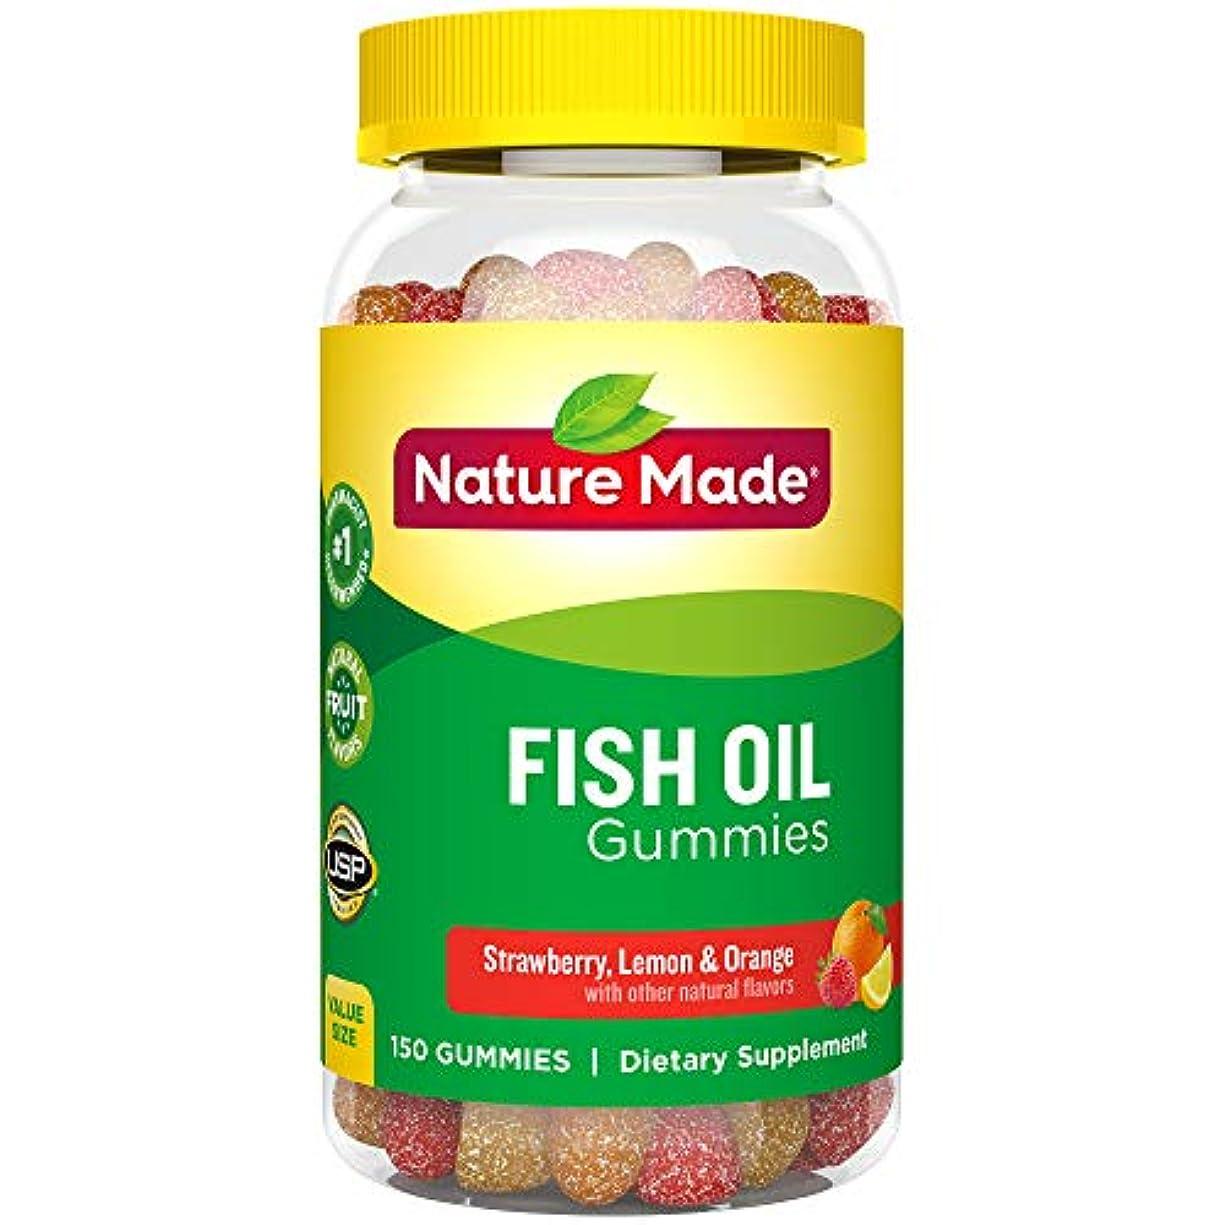 文化ティッシュ複雑なNature Made Fish Oil Adult Gummies Nutritional Supplements, Value Size, 150 Count 海外直送品